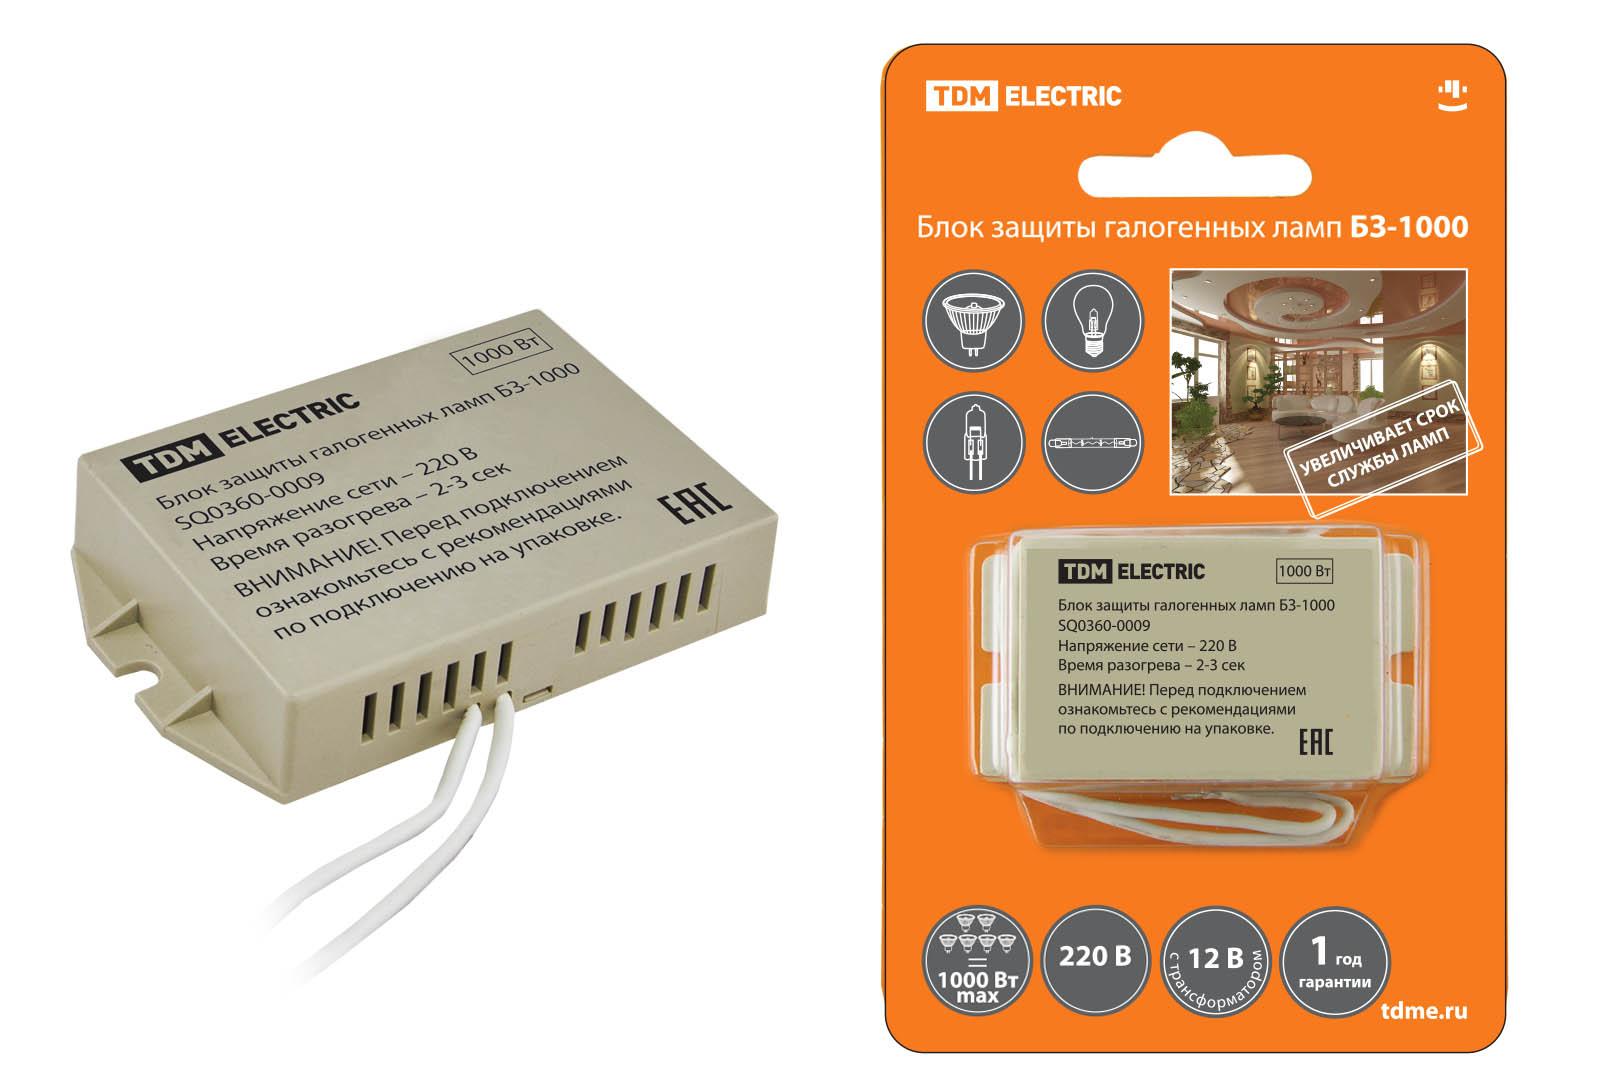 Блок защиты ТДМАксессуары для электромонтажа<br>Тип аксессуара: блок защиты,<br>Степень защиты от пыли и влаги: IP 20,<br>Максимальная подключаемая мощность: 1000<br>